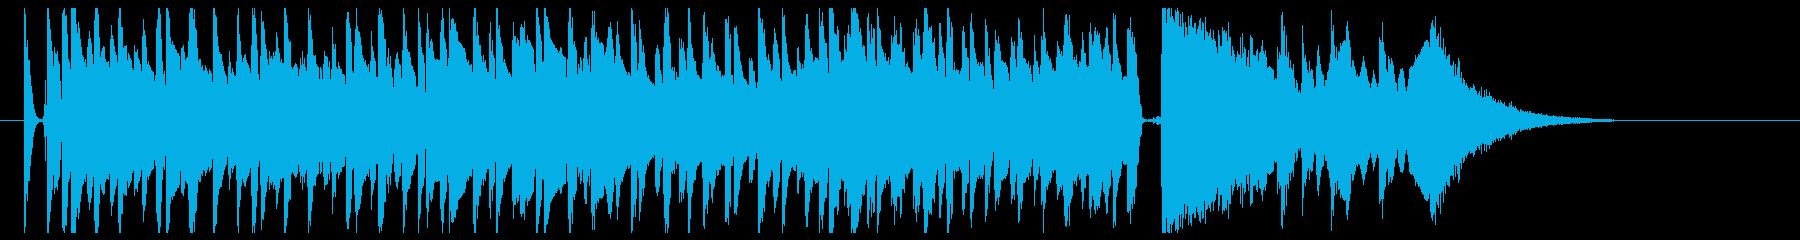 30秒のブルースの再生済みの波形